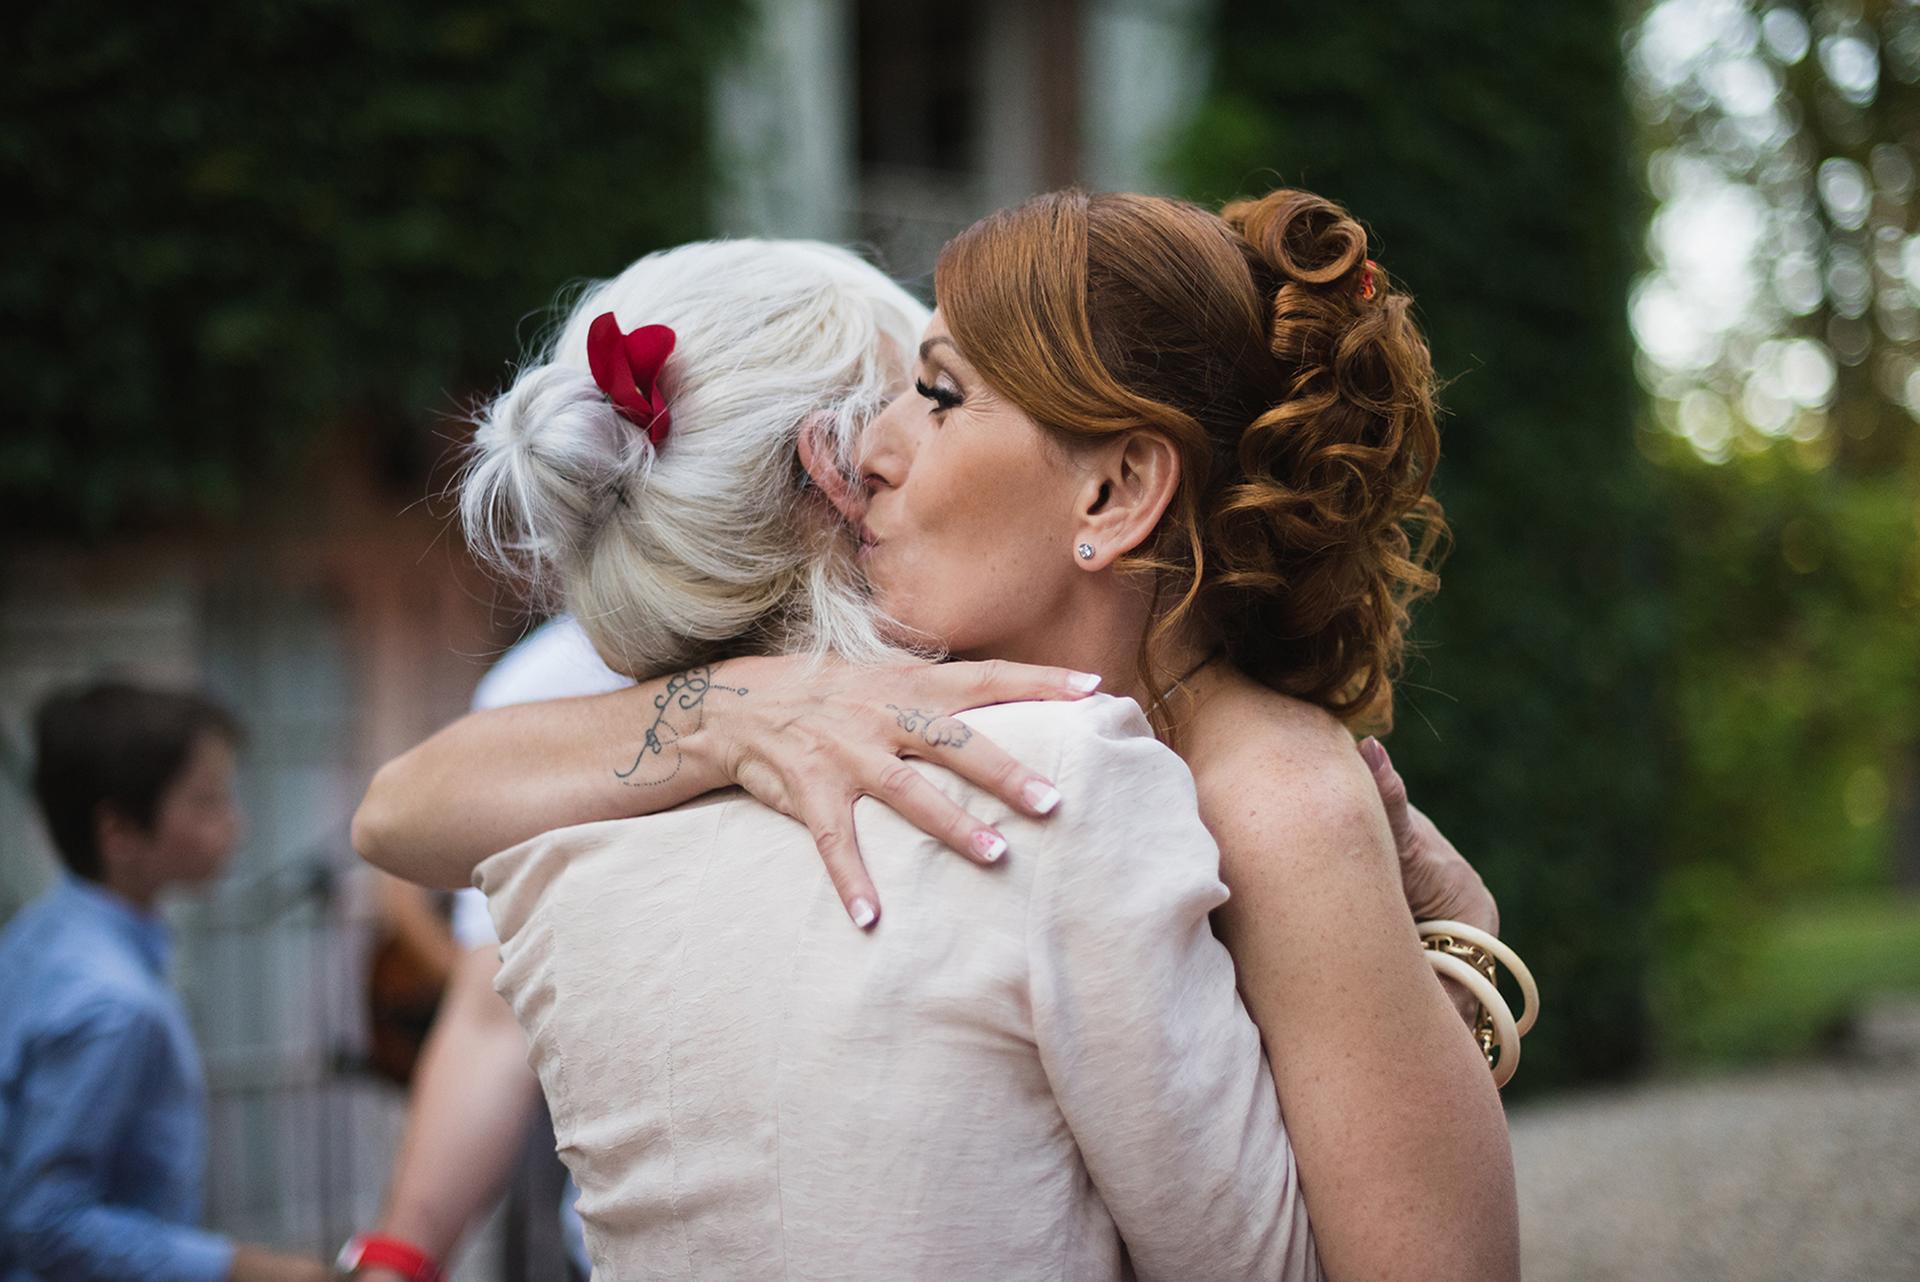 Occitanie Elopement Image de Château Labistoul | La mariée partage un moment émotionnel avec l'un des membres de sa famille